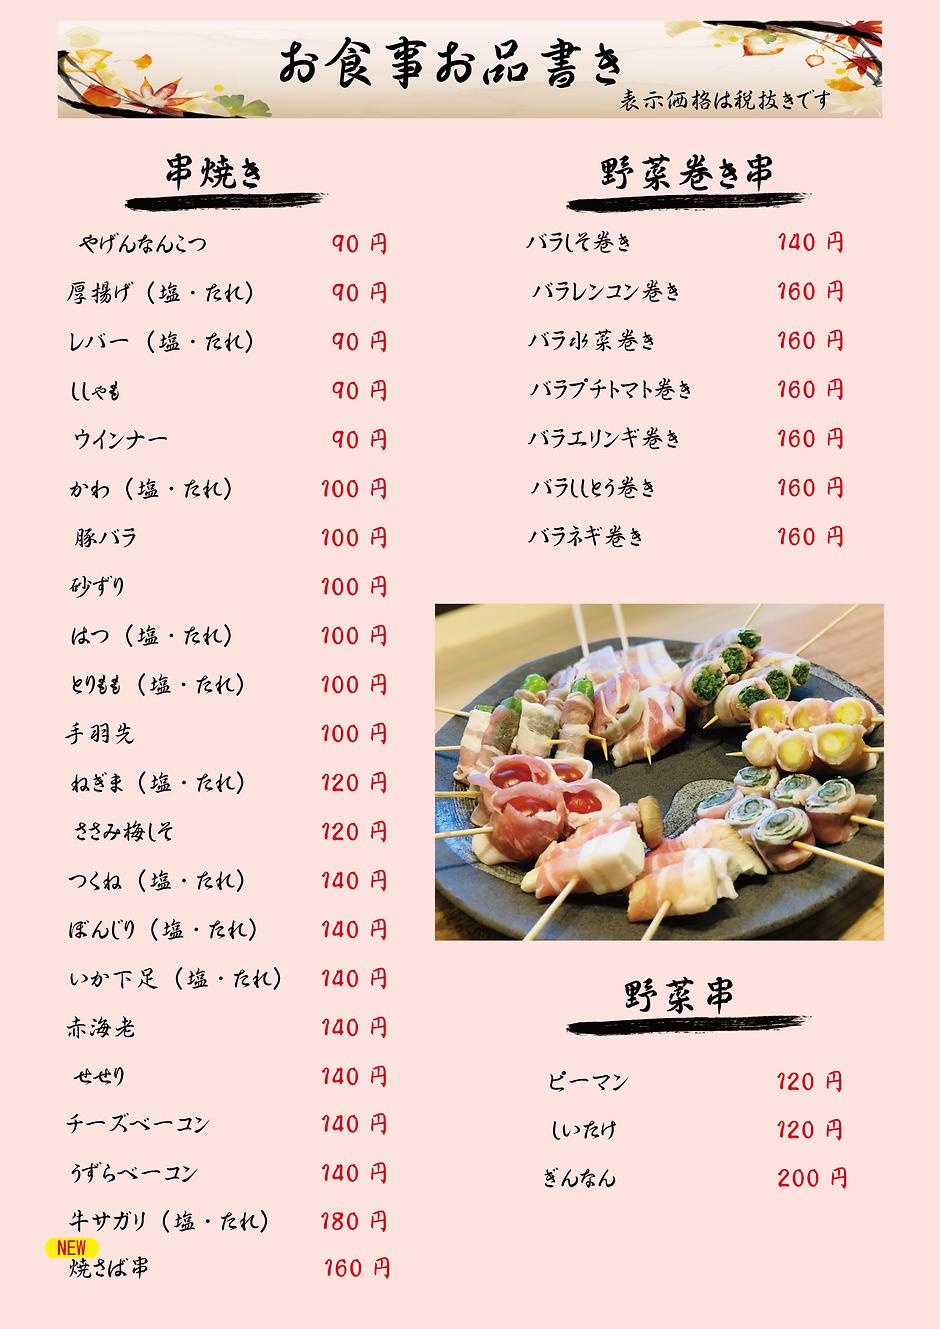 かくうちメニュー食事.png